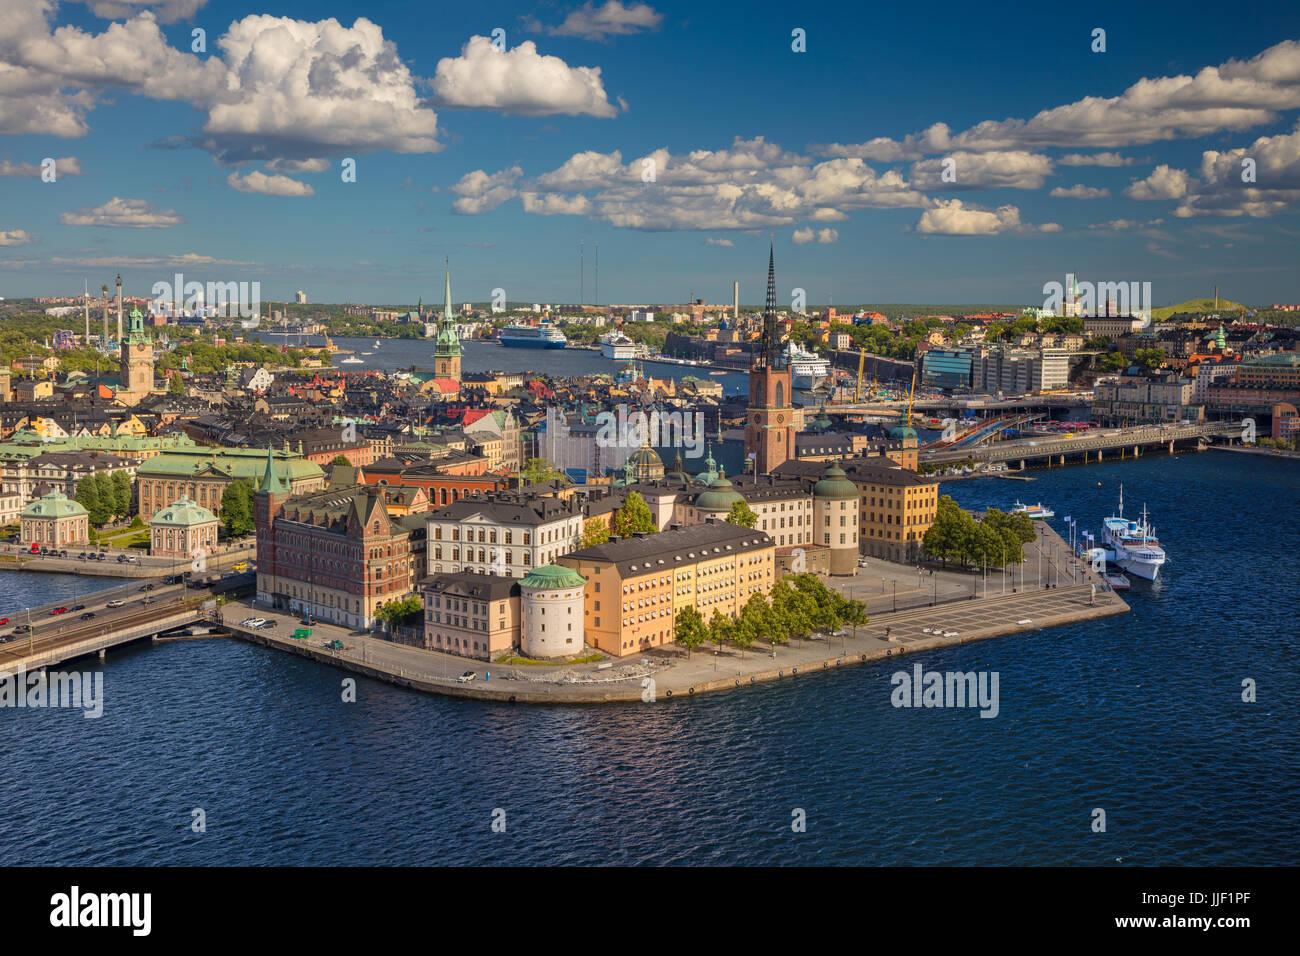 Stoccolma. Immagine aerea della città vecchia di Stoccolma, Svezia durante durante la giornata di sole. Immagini Stock